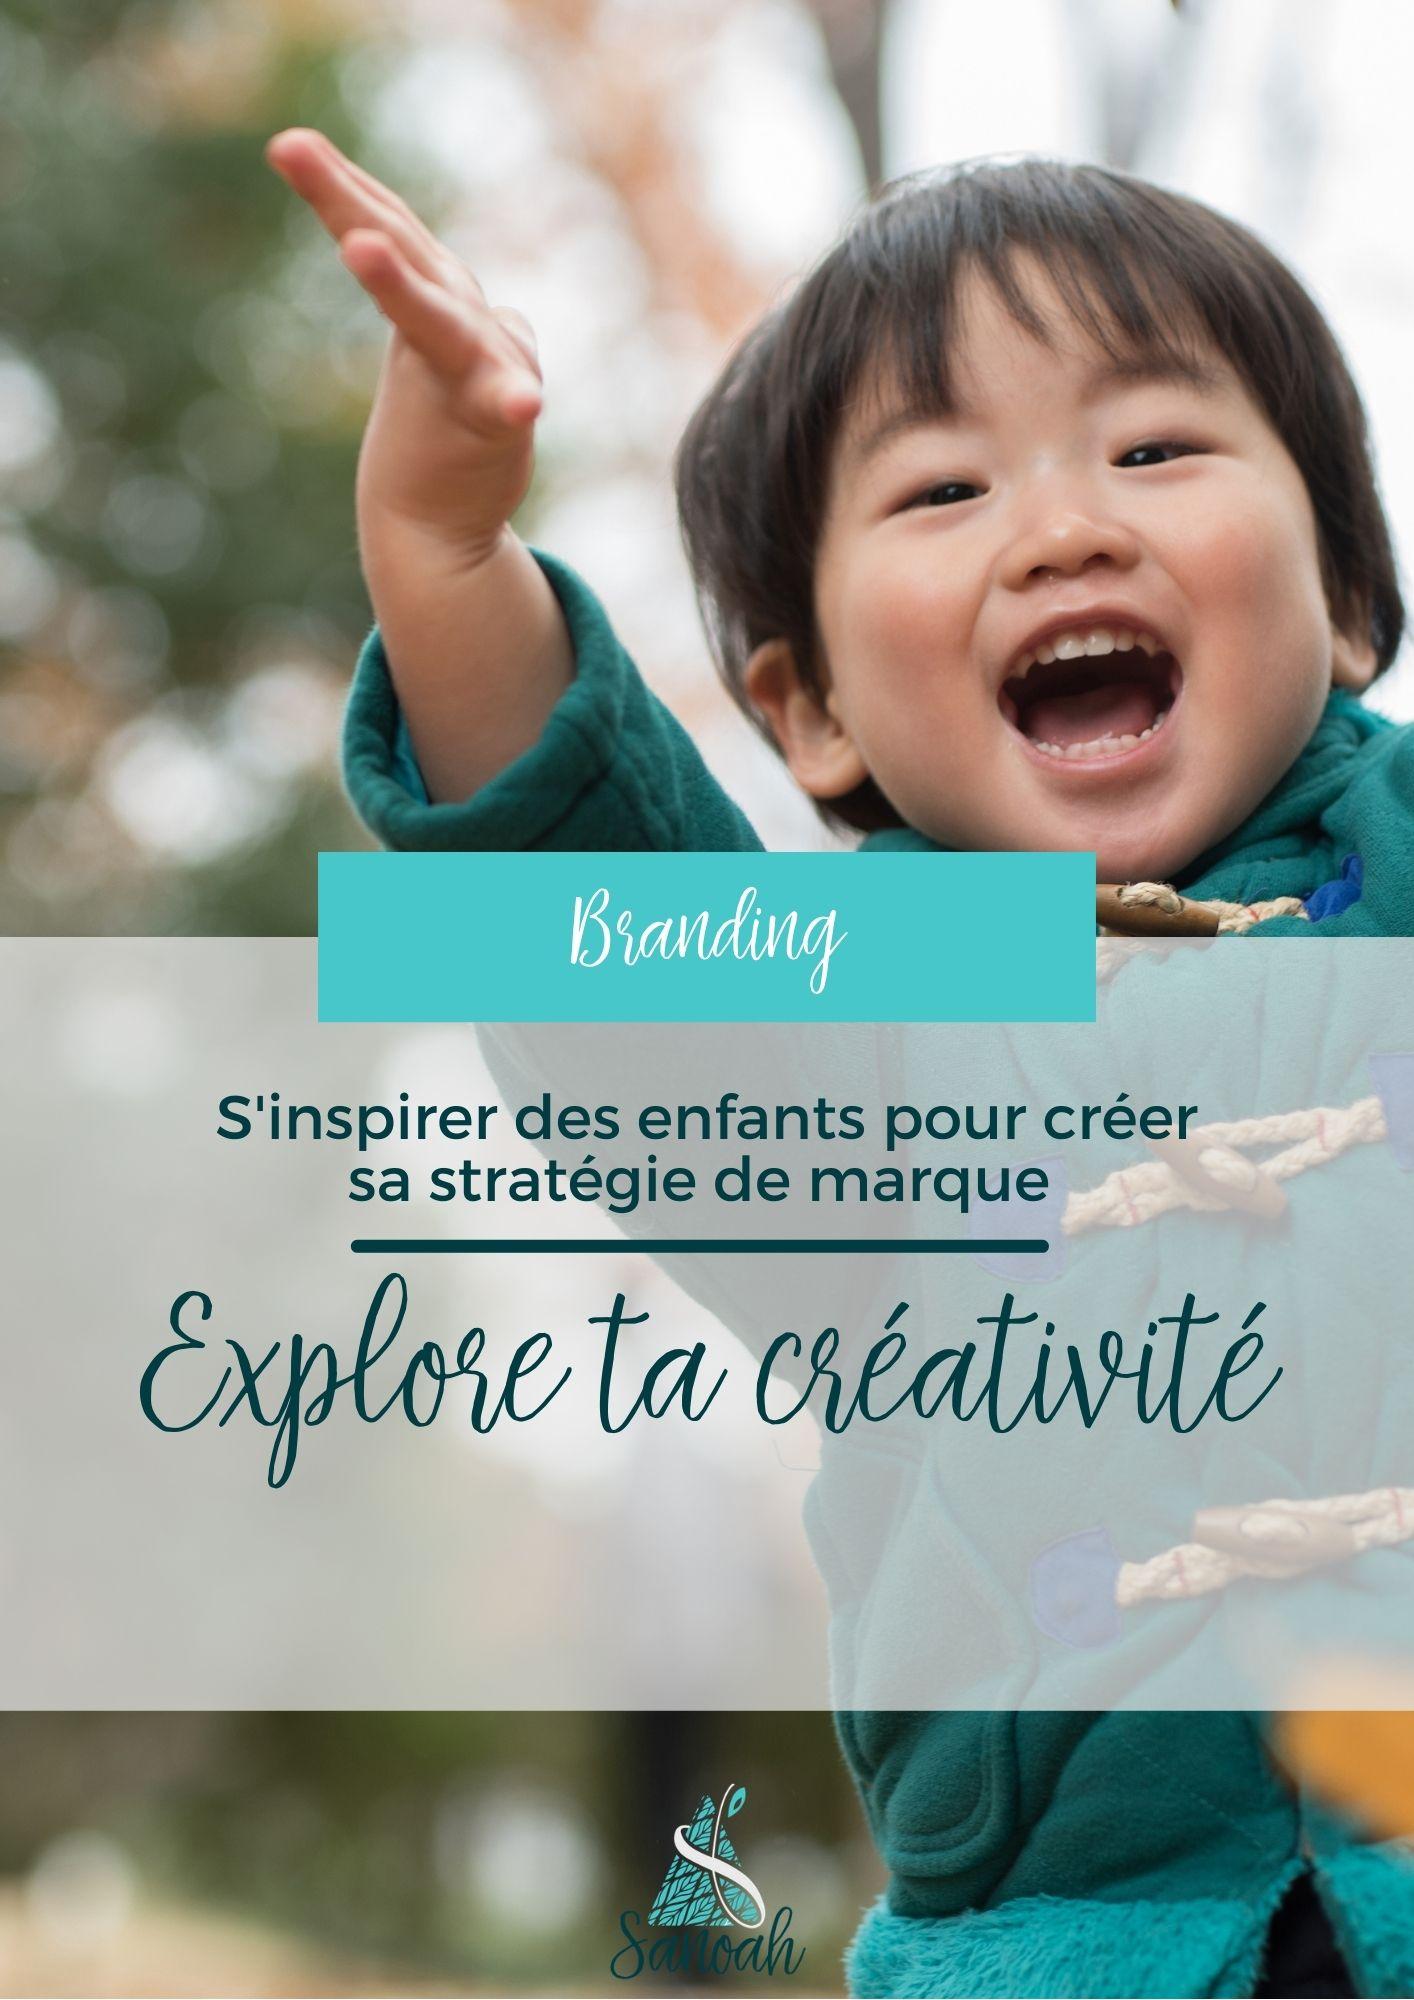 S'inspirer des enfants pour créer sa stratégie de marque _ Explore ta créativité